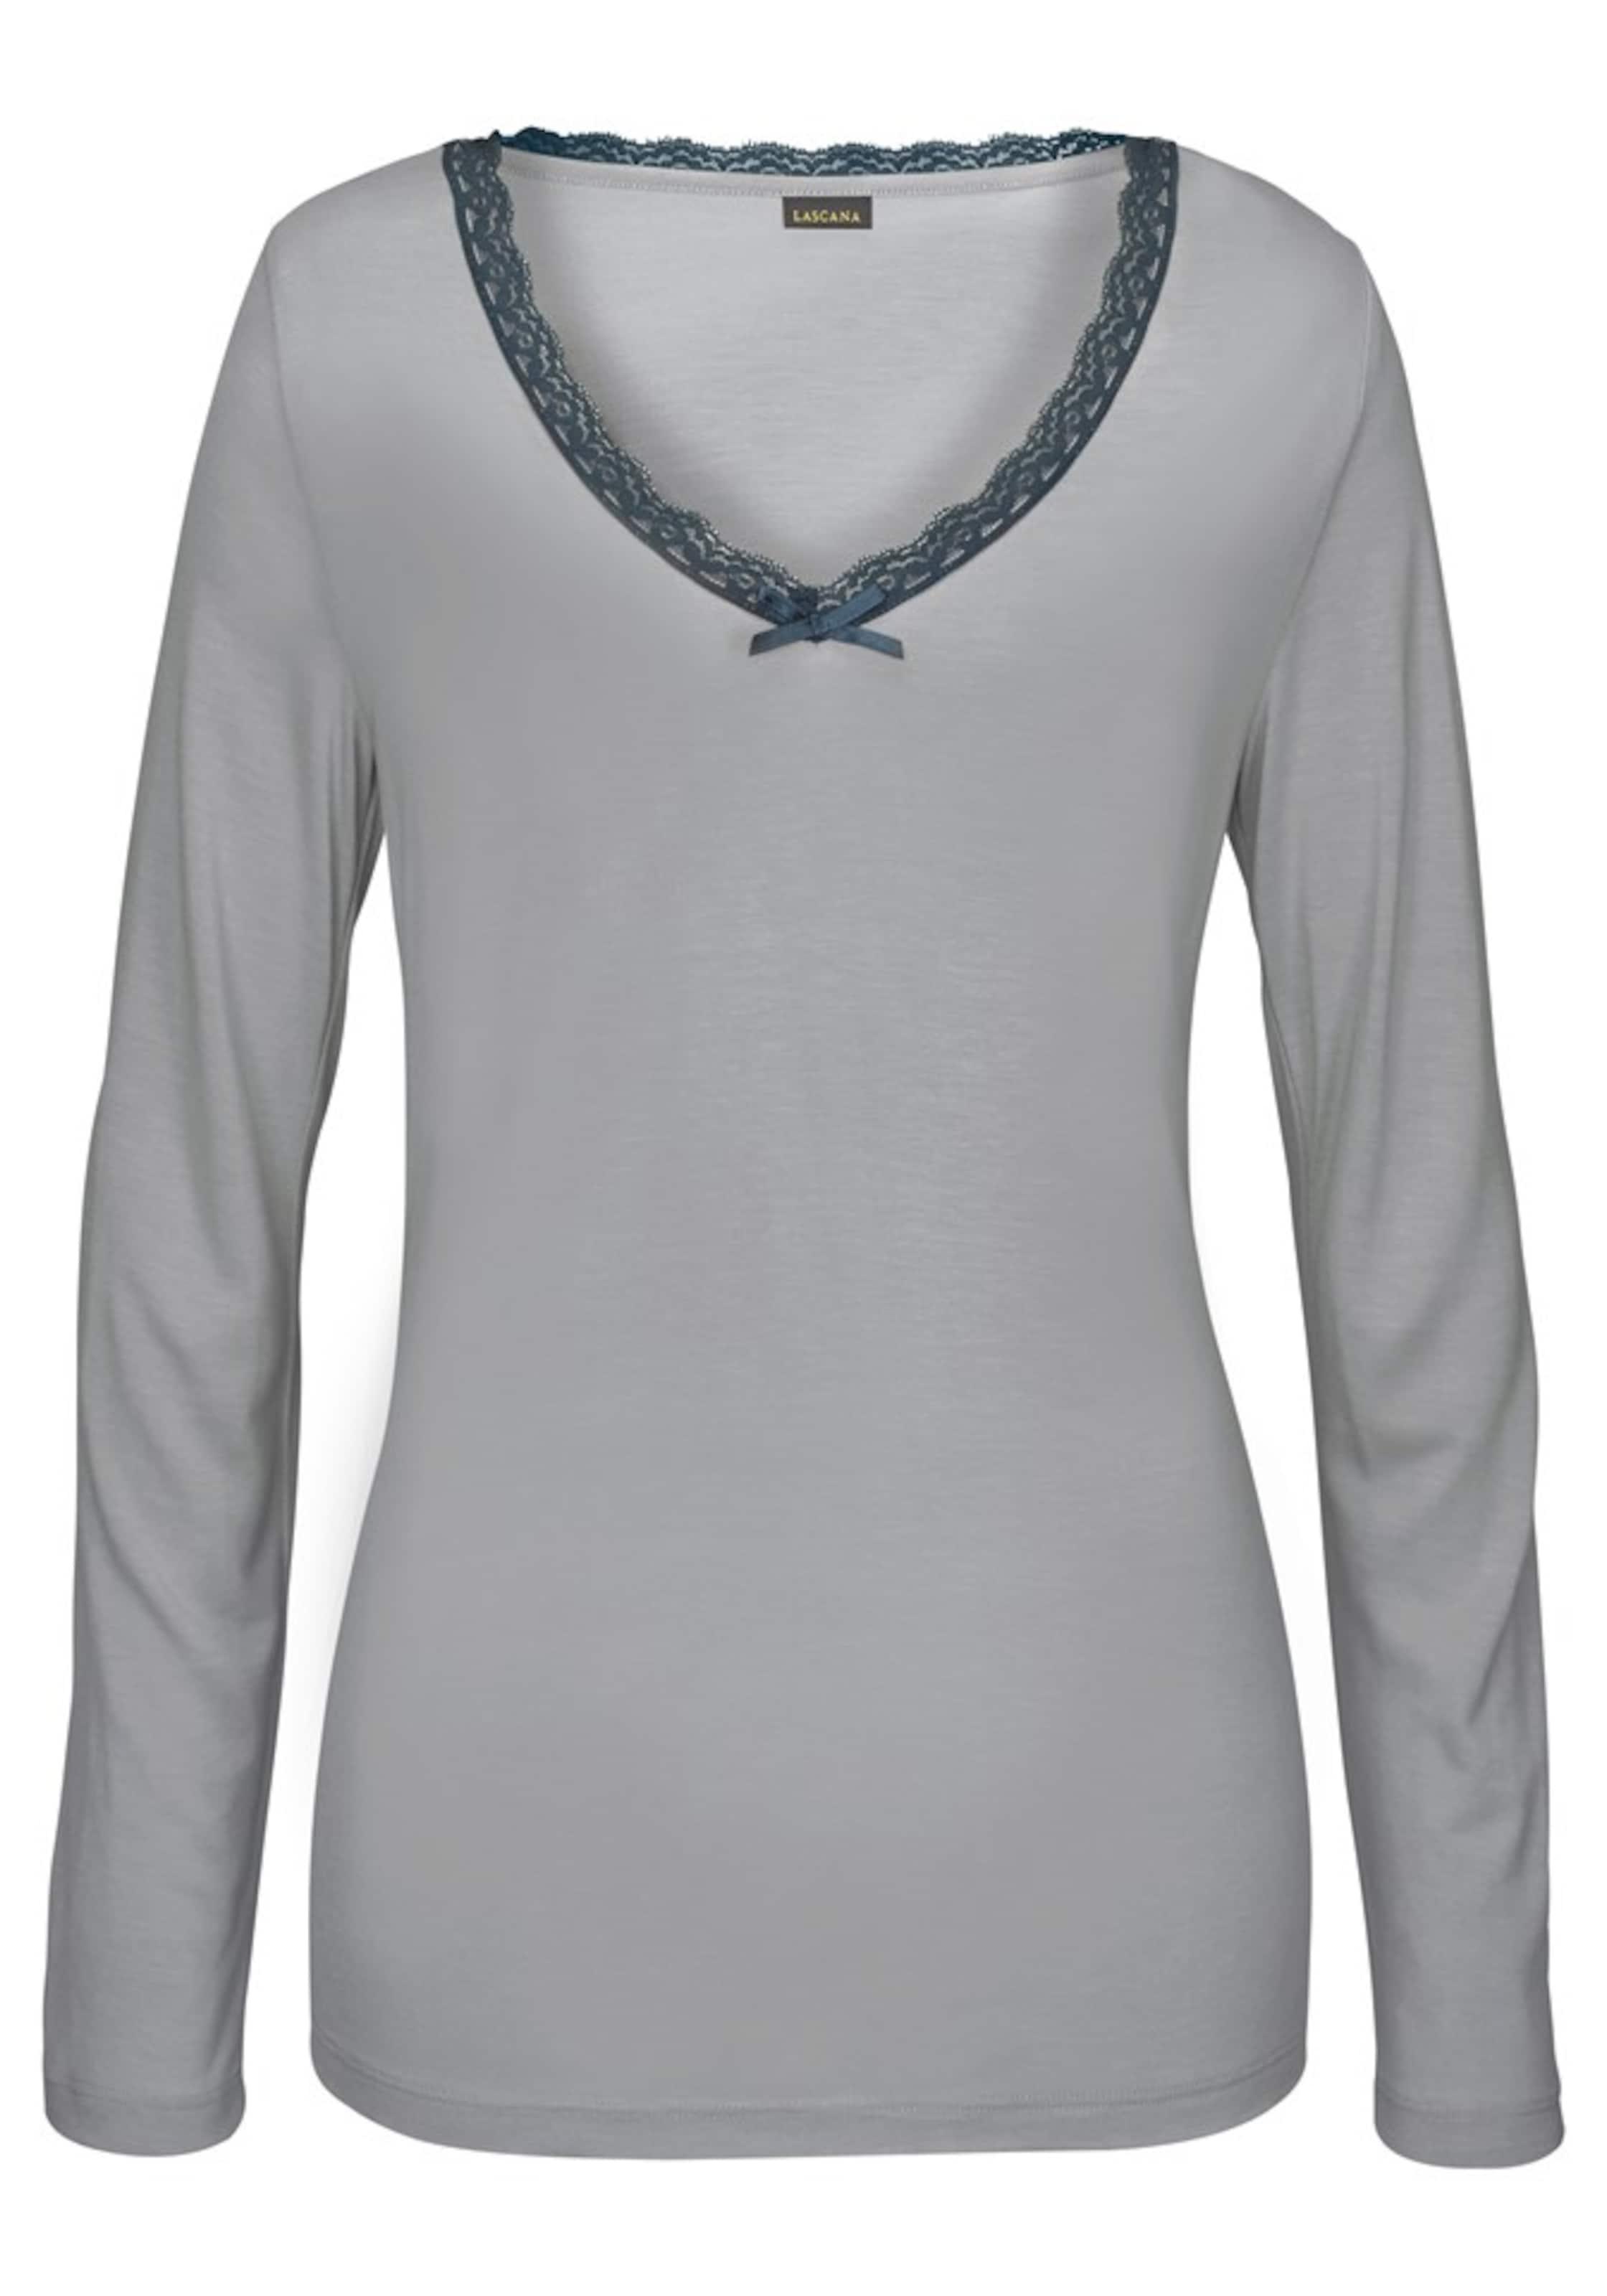 Erhalten Zum Verkauf Rabatt-Shop Für LASCANA Pyjama divNOtHCs